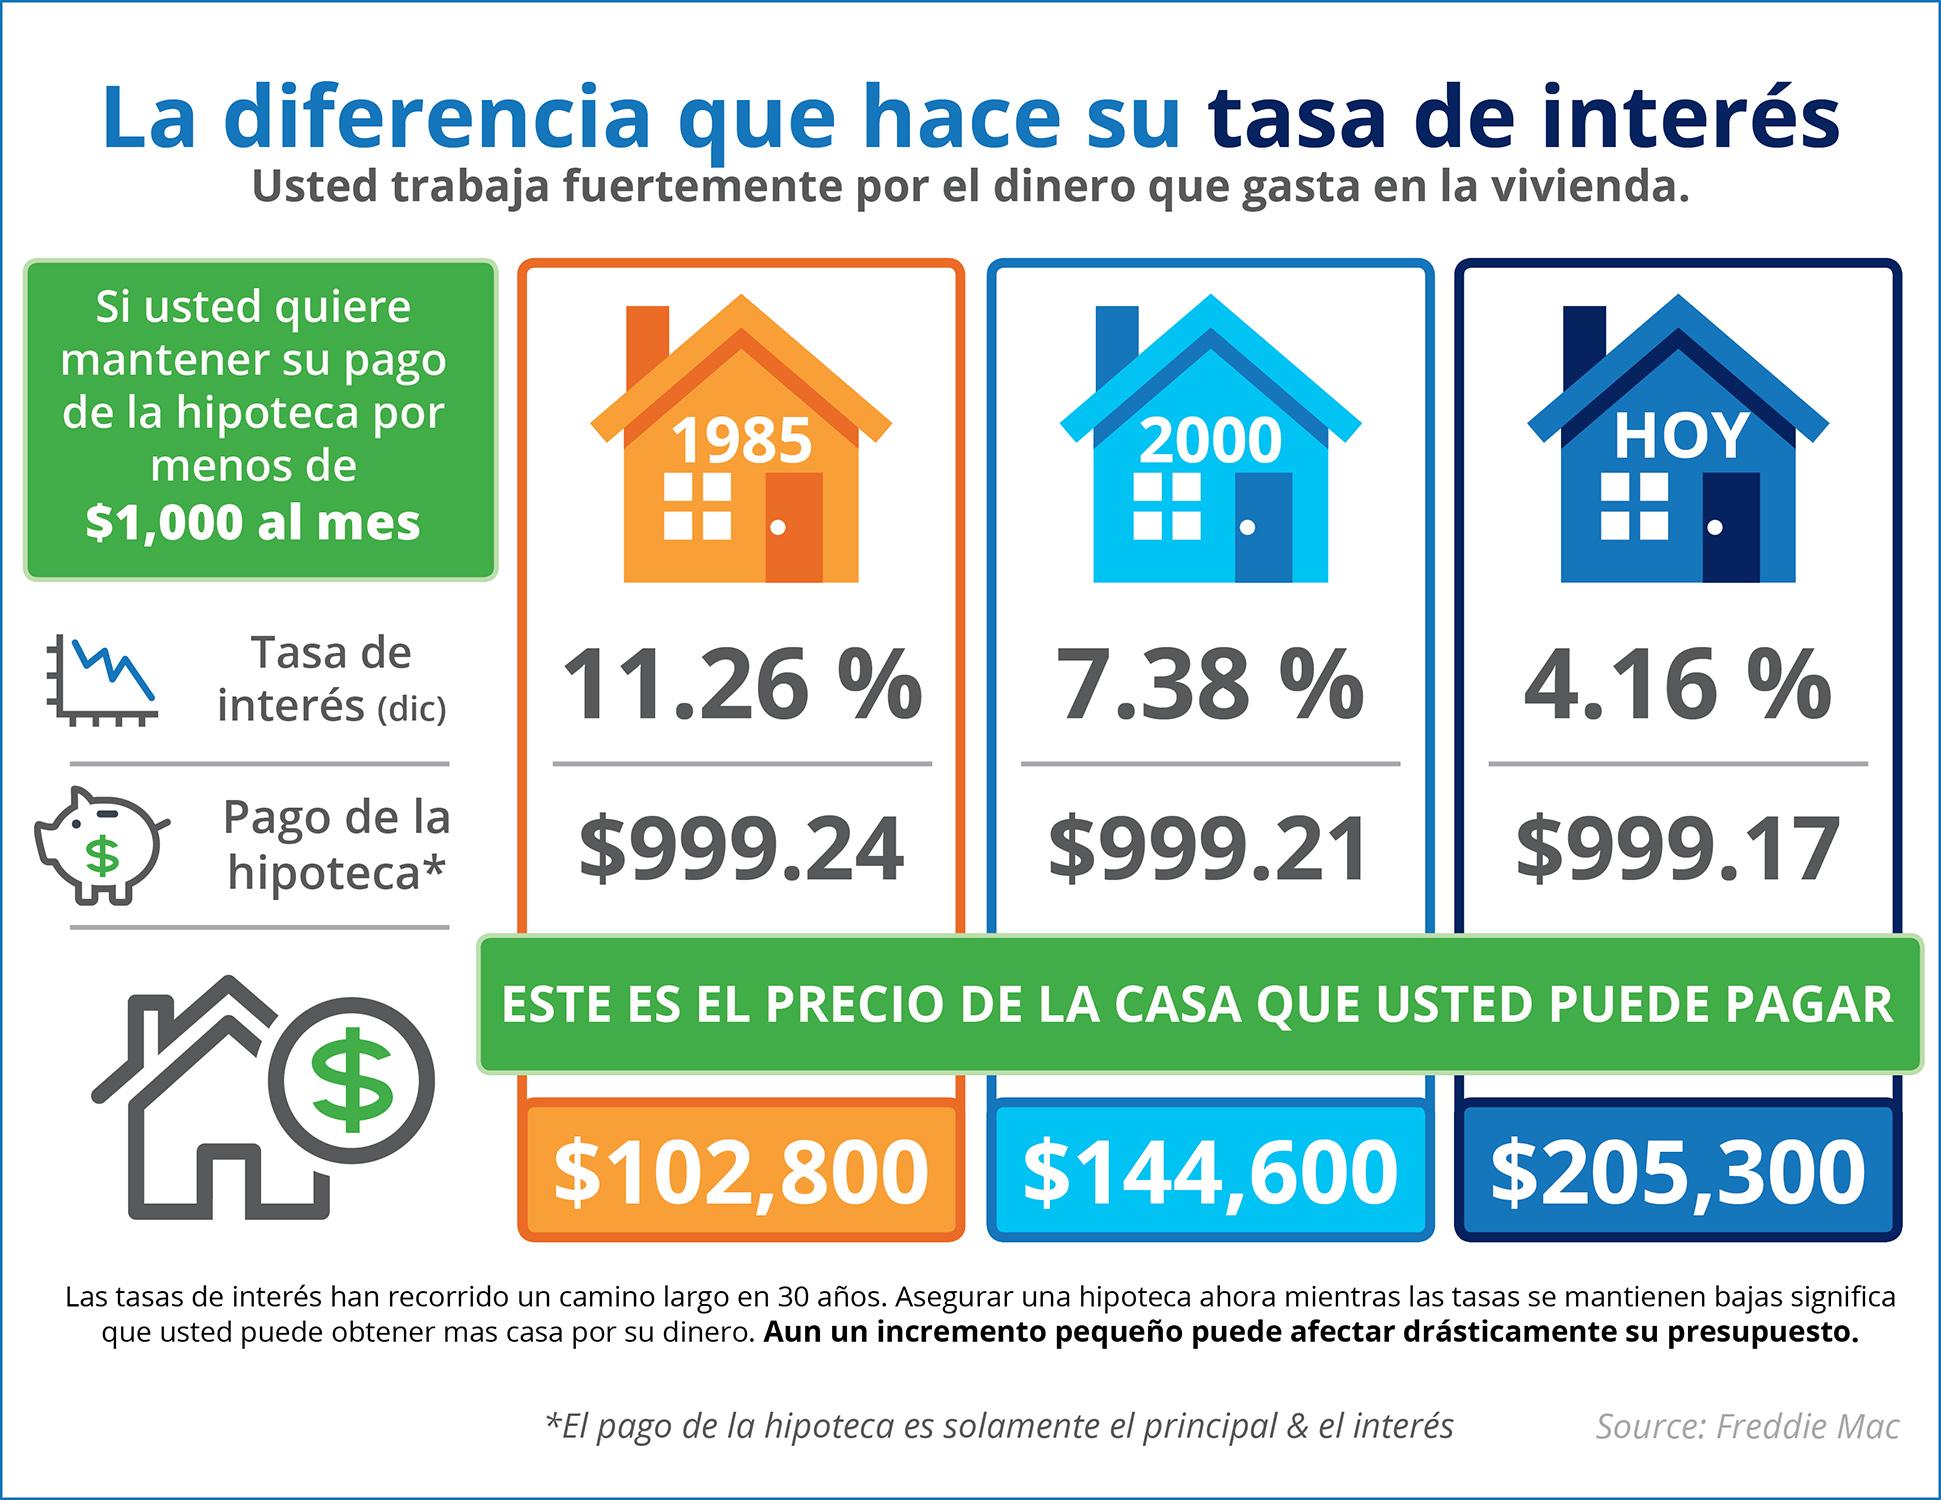 El impacto que su tasa de interés tiene en su poder adquisitivo [infografía] | Simplifying The Market